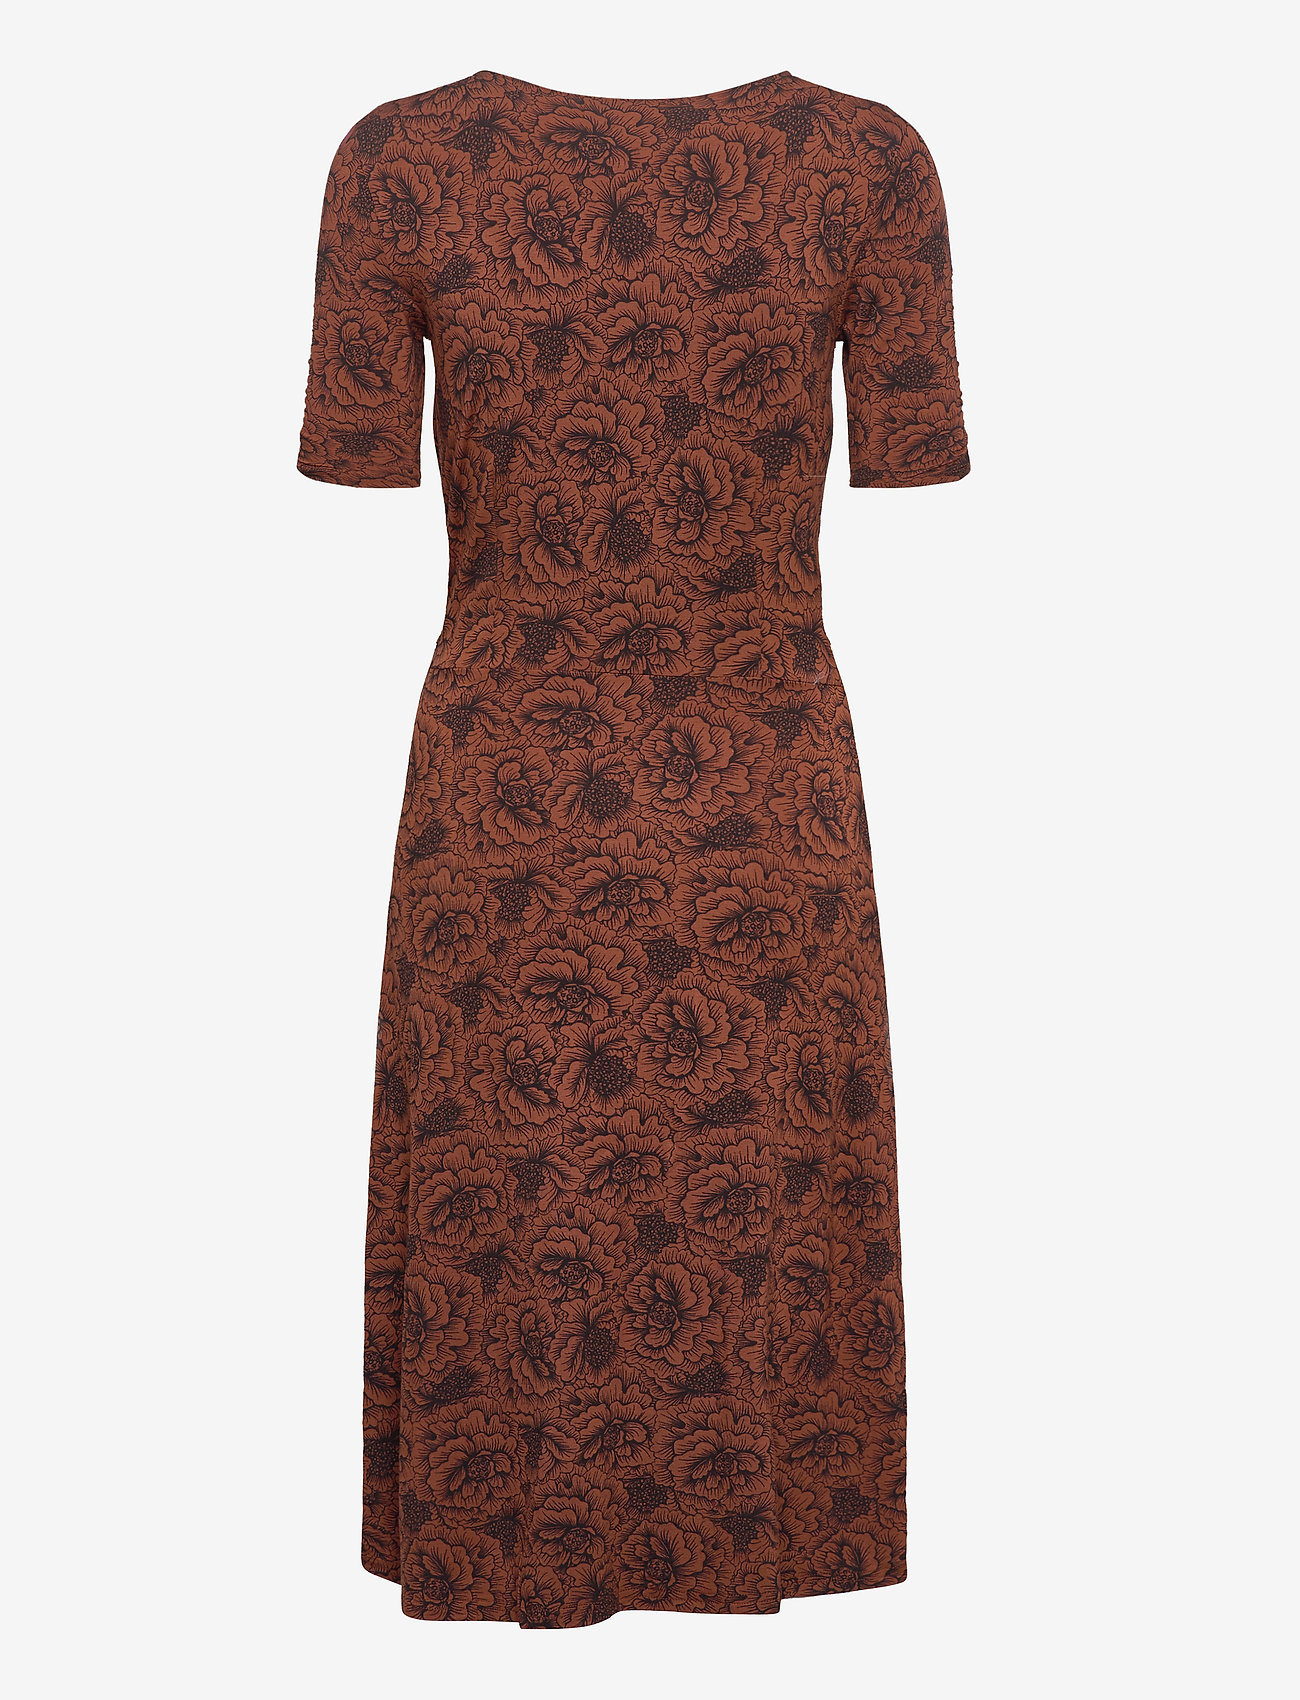 Dress (Amber Brown Rose Print) (59.40 €) - Rosemunde PnCQQ